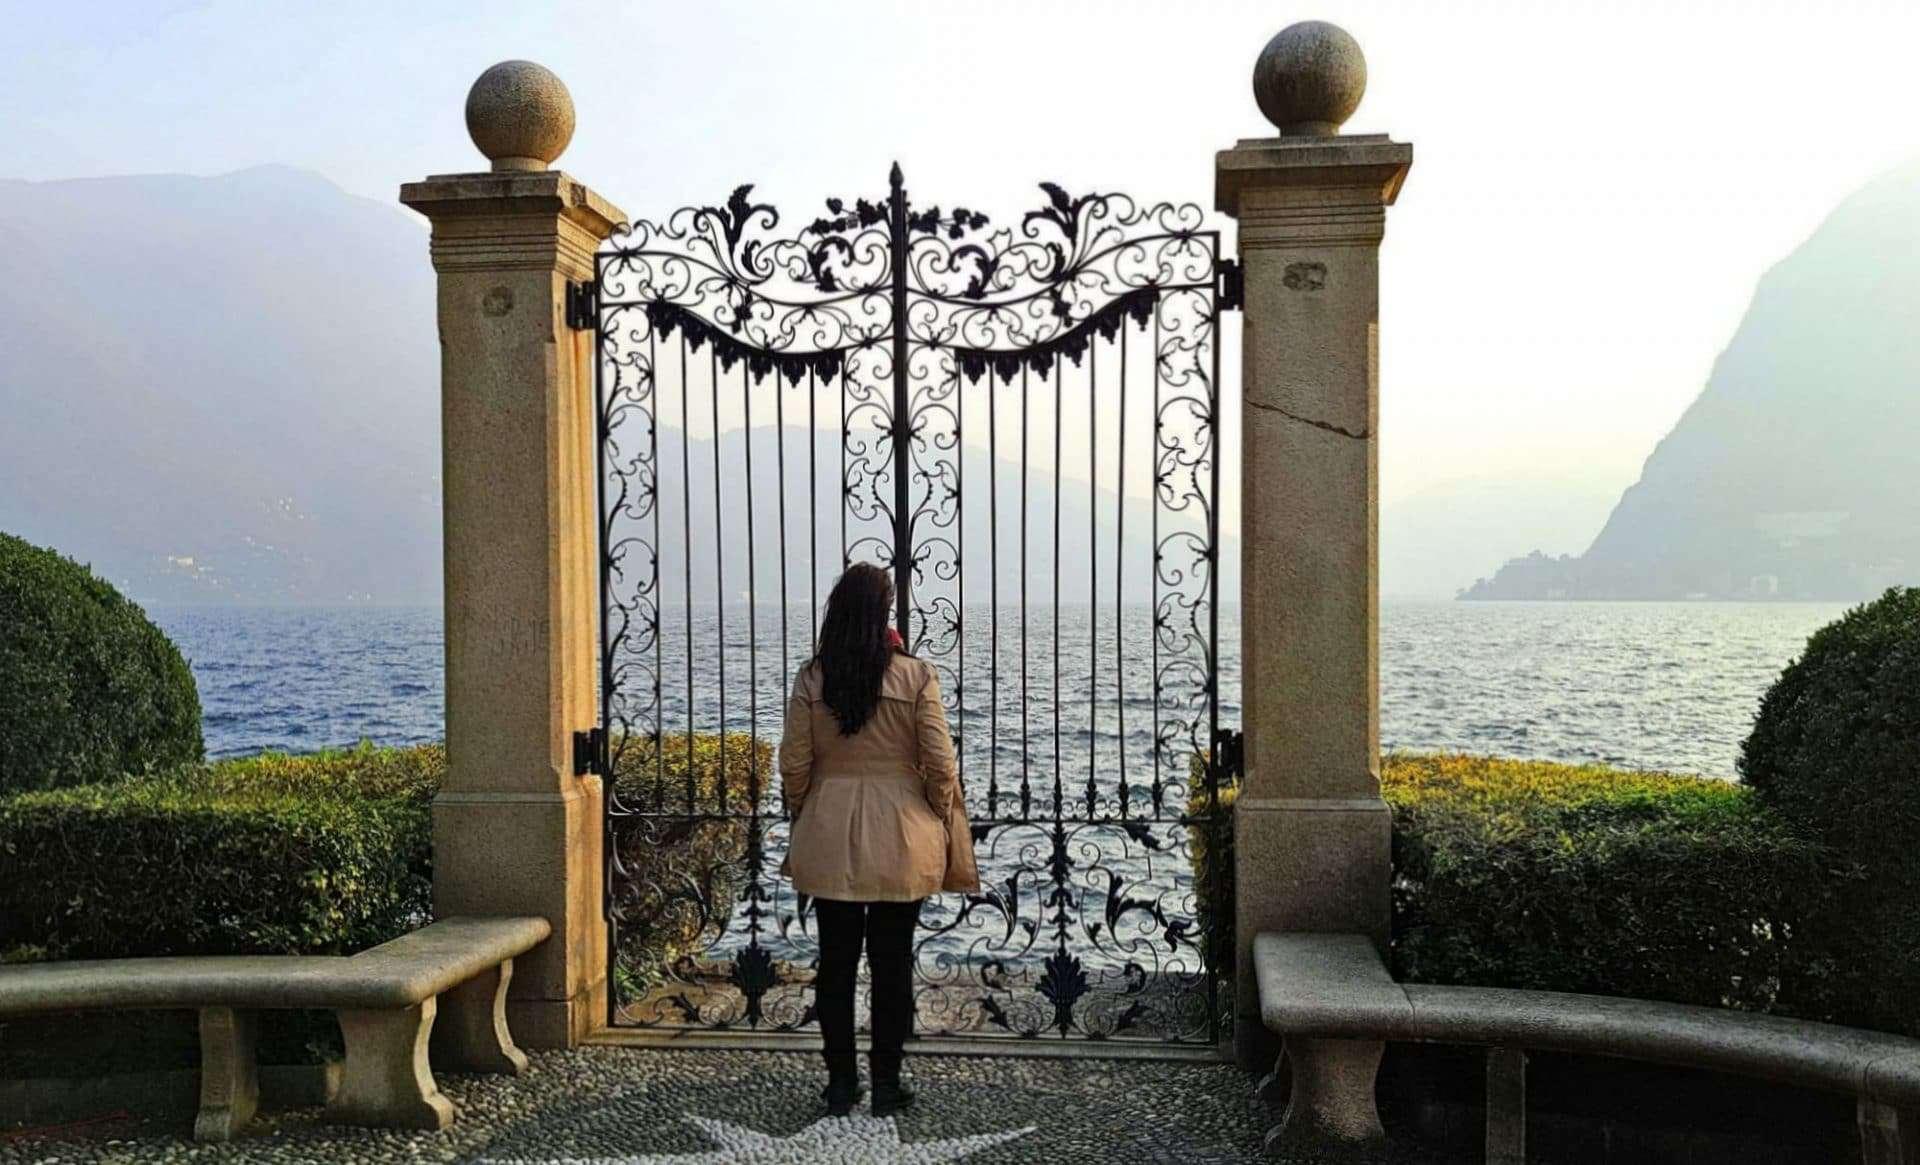 Cosa vedere a Lugano, la città più grande del Canton Ticino